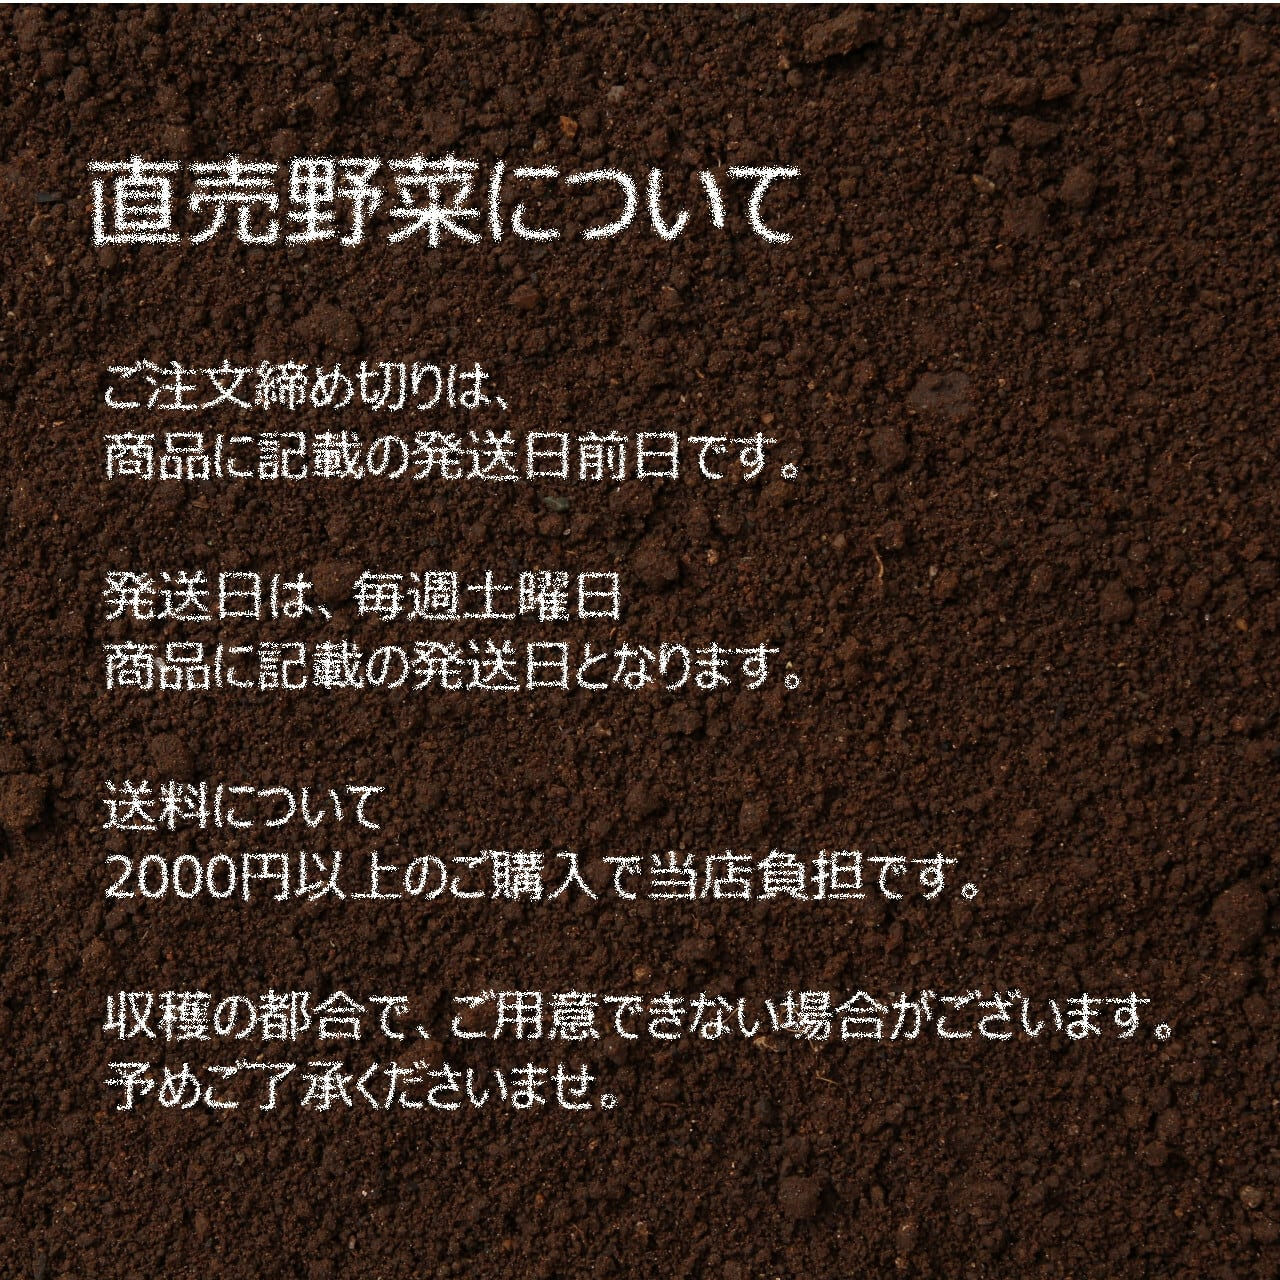 5月の朝採り直売野菜:スナップエンドウ 約300g 春の新鮮野菜 5月15日発送予定